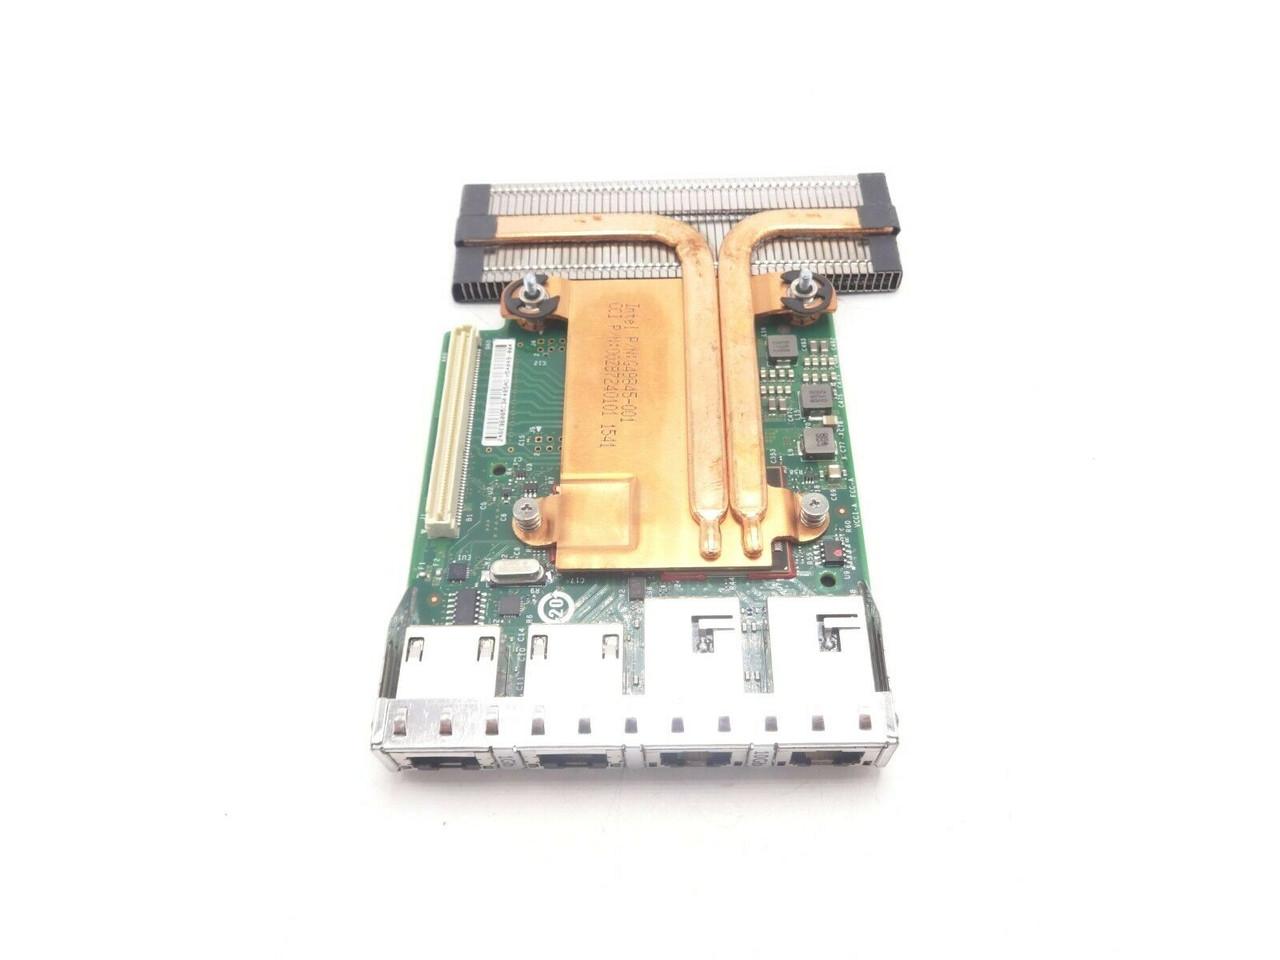 Dell 99GTM Intel X540/I350 2x10GB 2x 1GB Quad Port